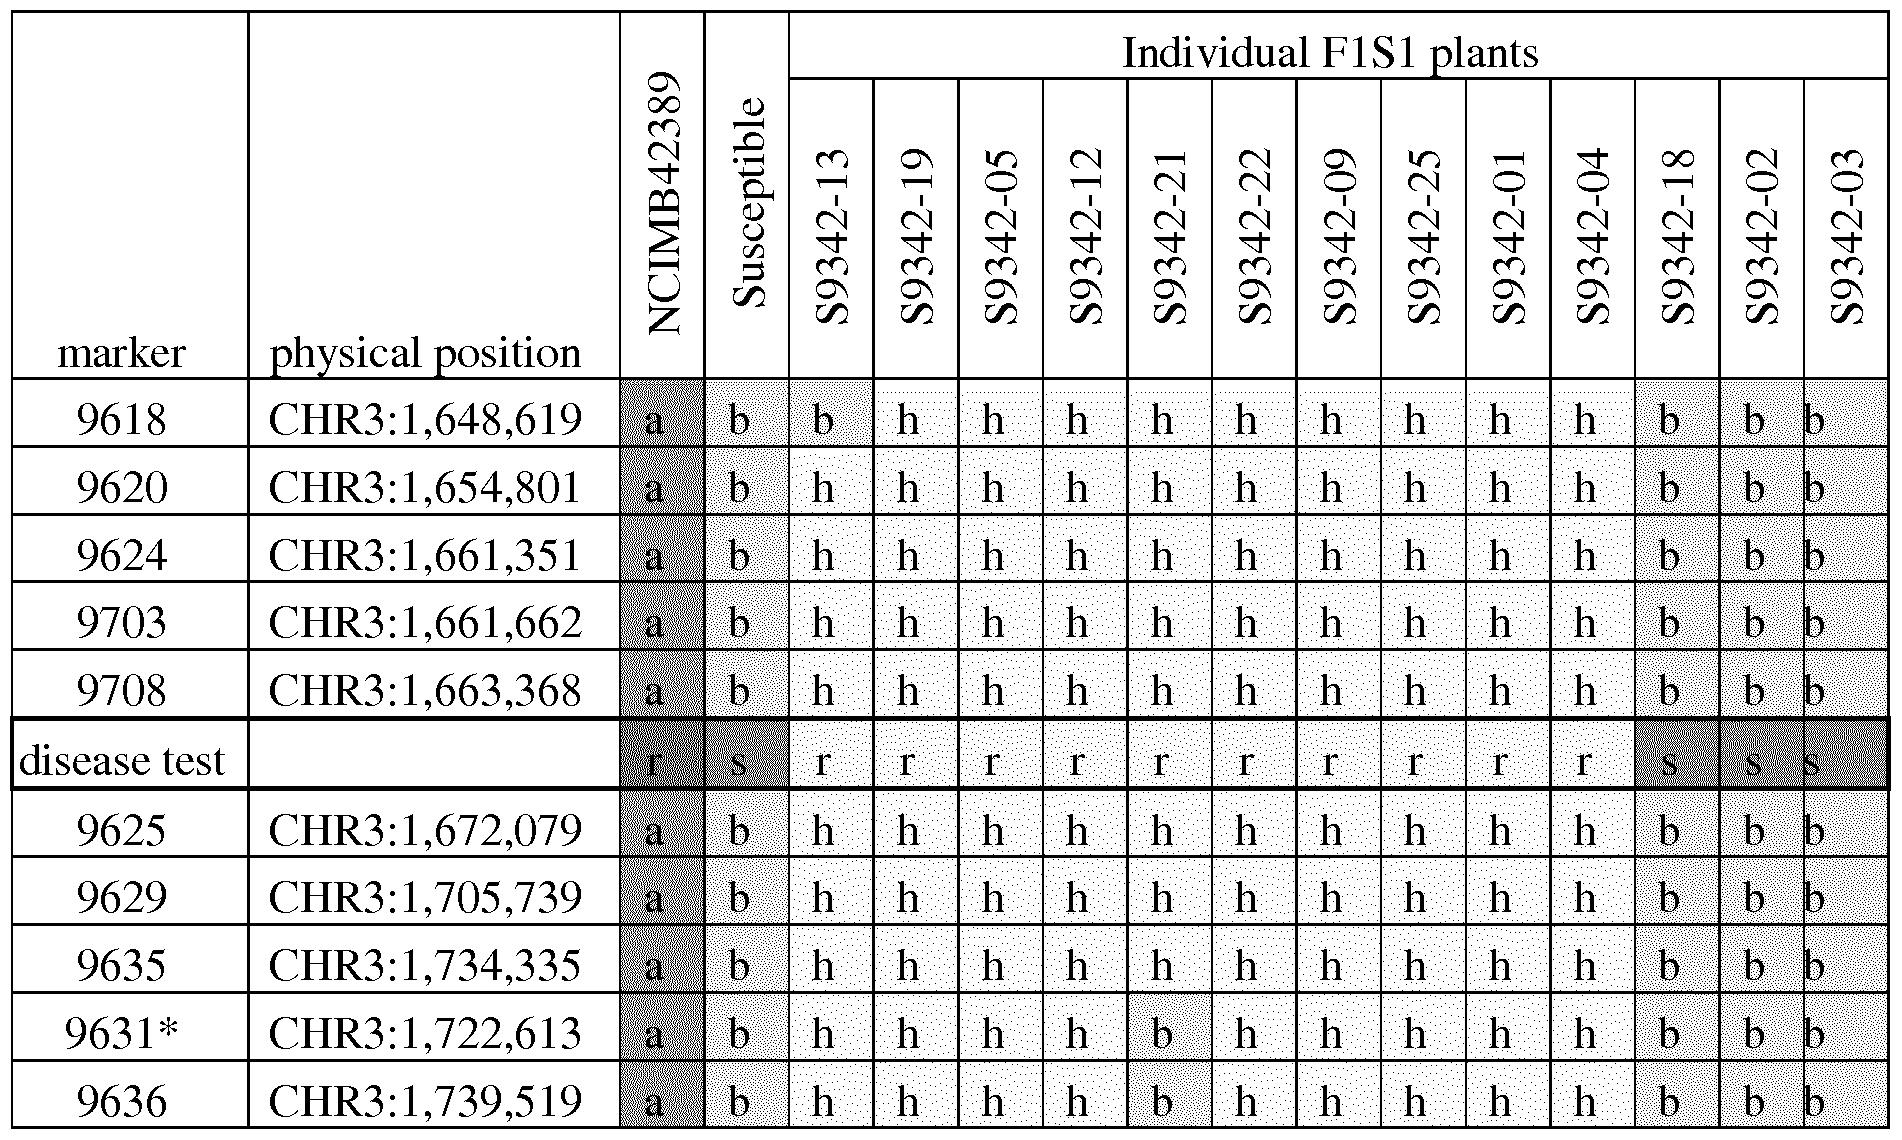 WO2017144077A1 - Powdery mildew resistance genes in carrot